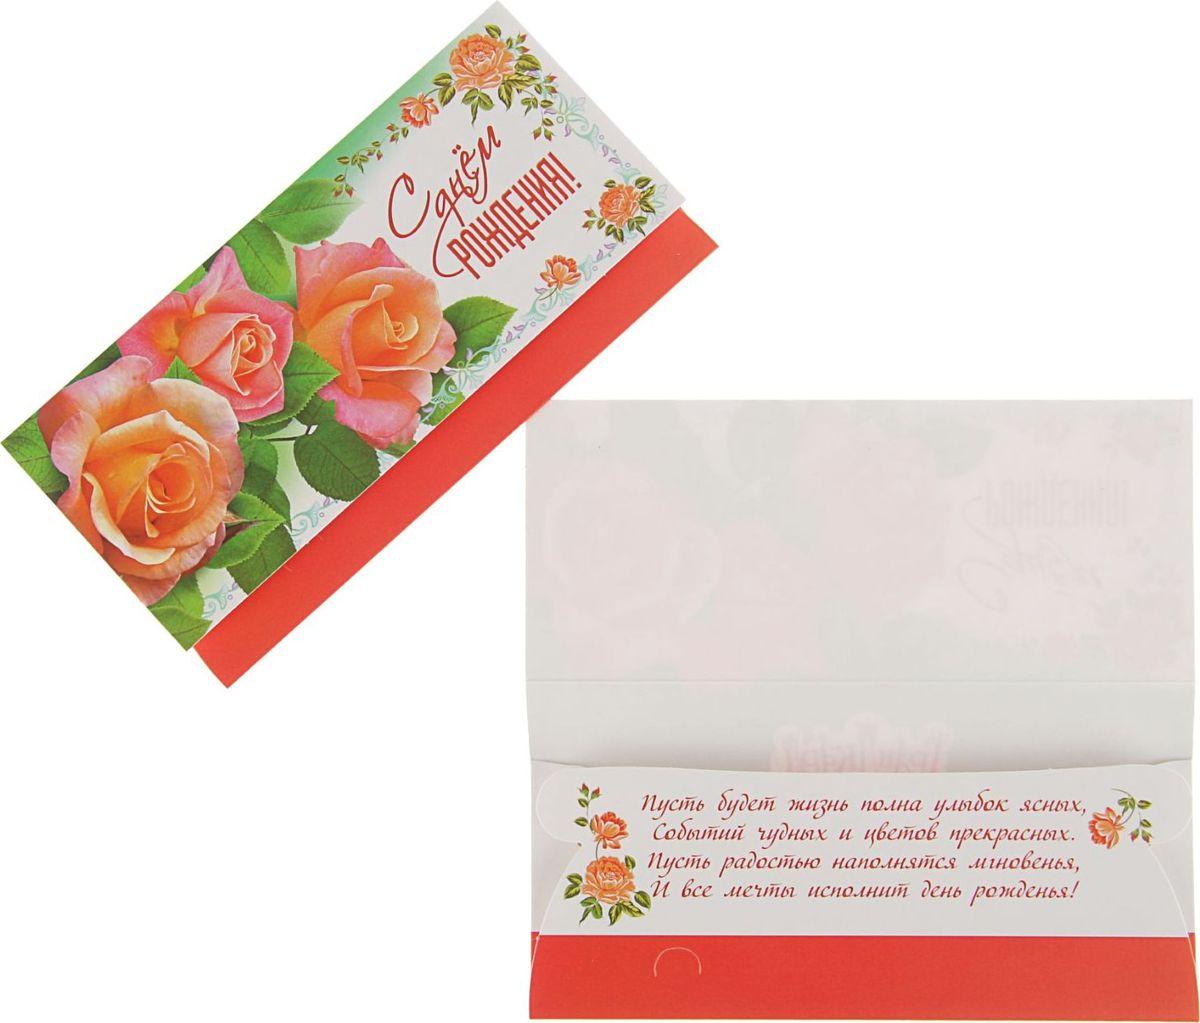 Конверт для денег Гранд Дизайн С Днем Рождения! Розы, 16,3 х 8,3 см2422868Невозможно представить нашу жизнь без праздников! Мы всегда ждём их и предвкушаем, обдумываем, как проведём памятный день, тщательно выбираем подарки и аксессуары, ведь именно они создают и поддерживают торжественный настрой. Этот конверт для денег - отличный выбор, который привнесёт атмосферу праздника в ваш дом!